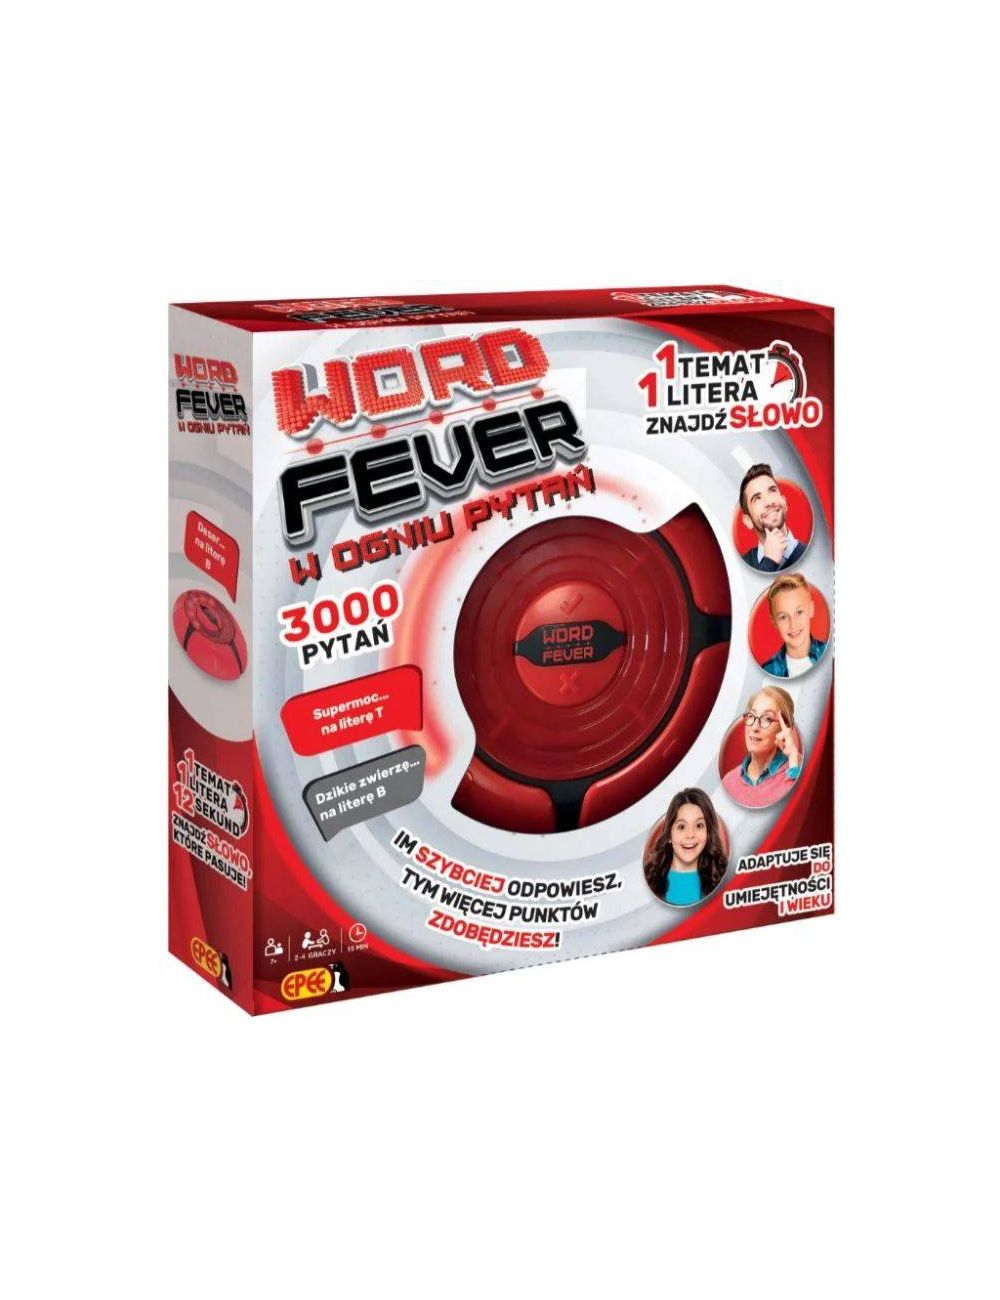 Epee Word Fever w Ogniu Pytań Gra Rodzinna 3000 Pytań 04121